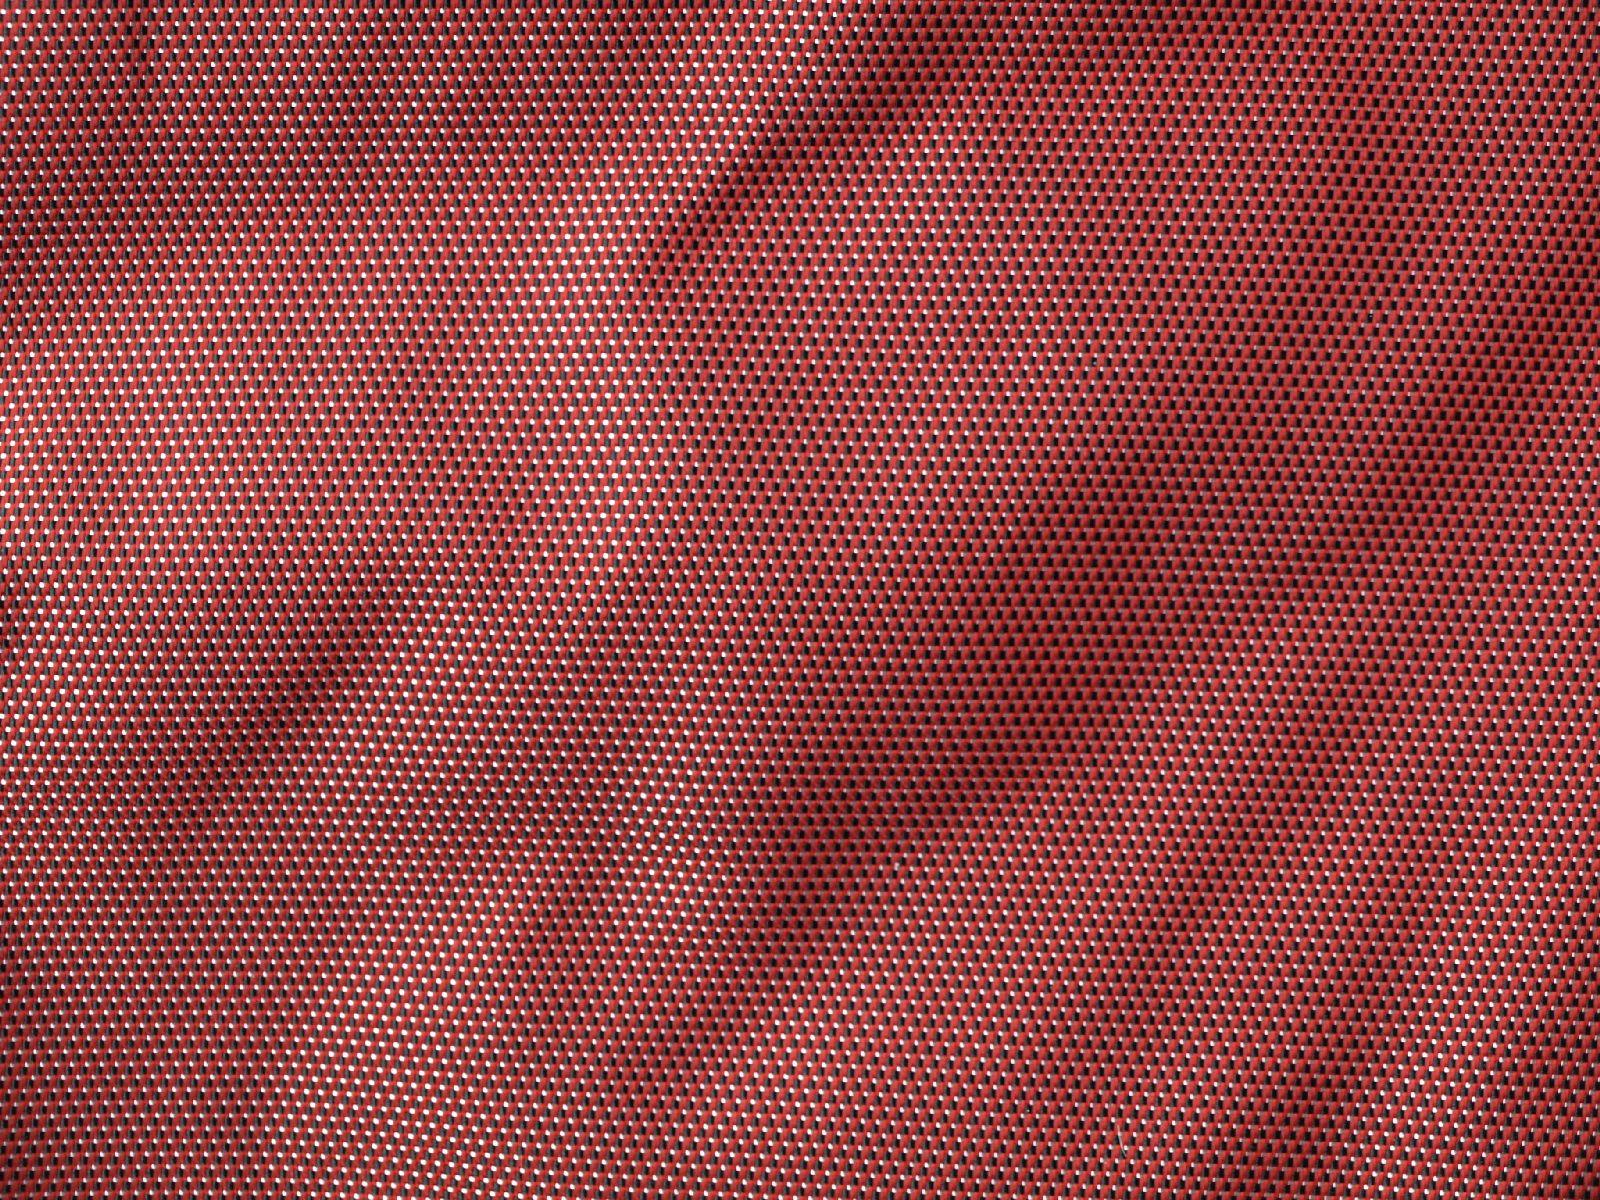 Various_Texture_A_P8174459